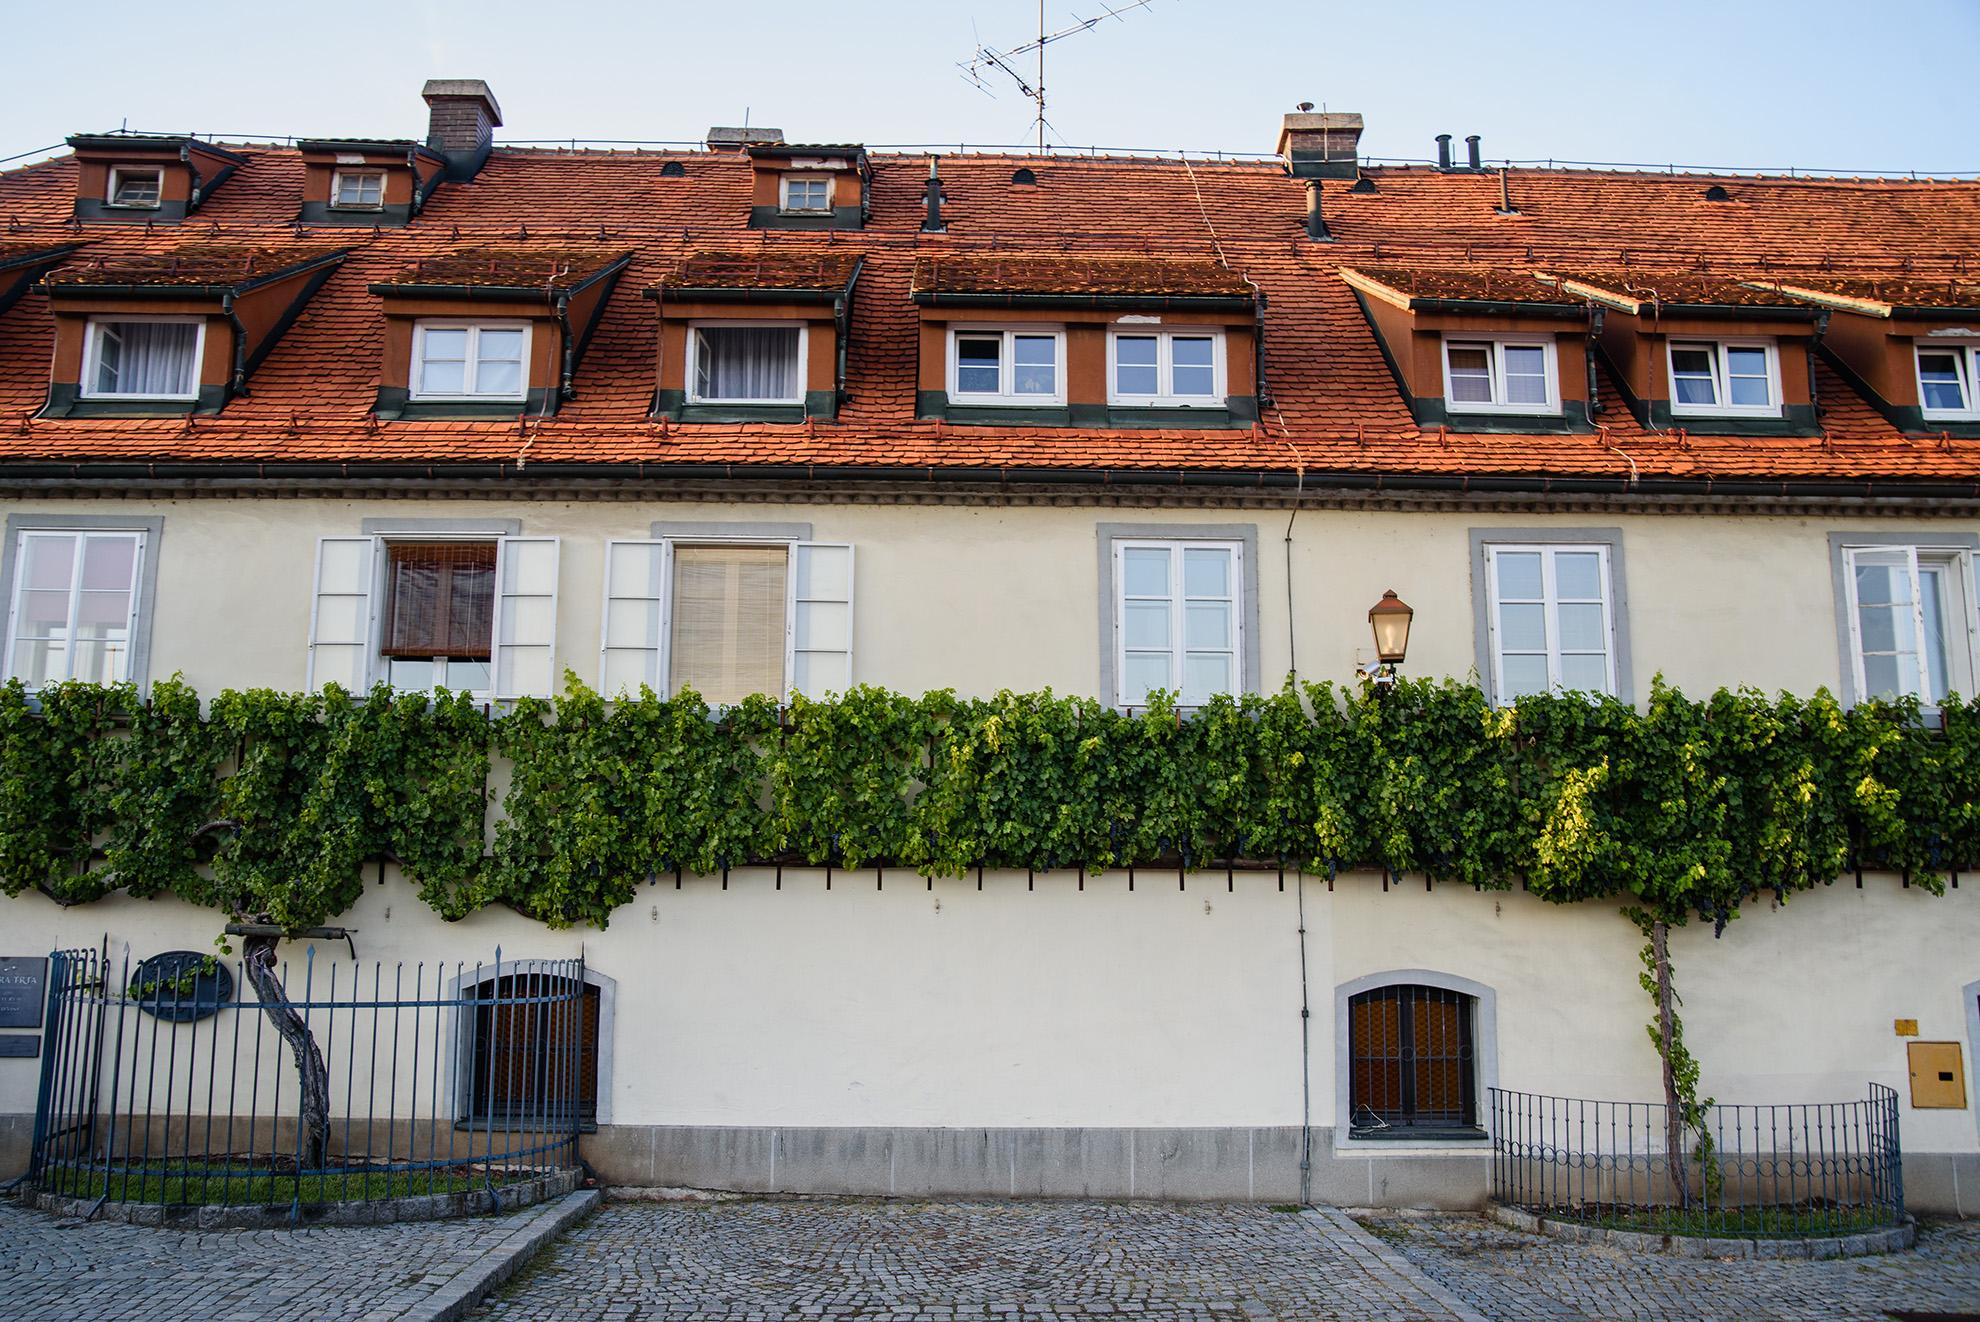 Najstarsza winorośl na świecie - 400 lat